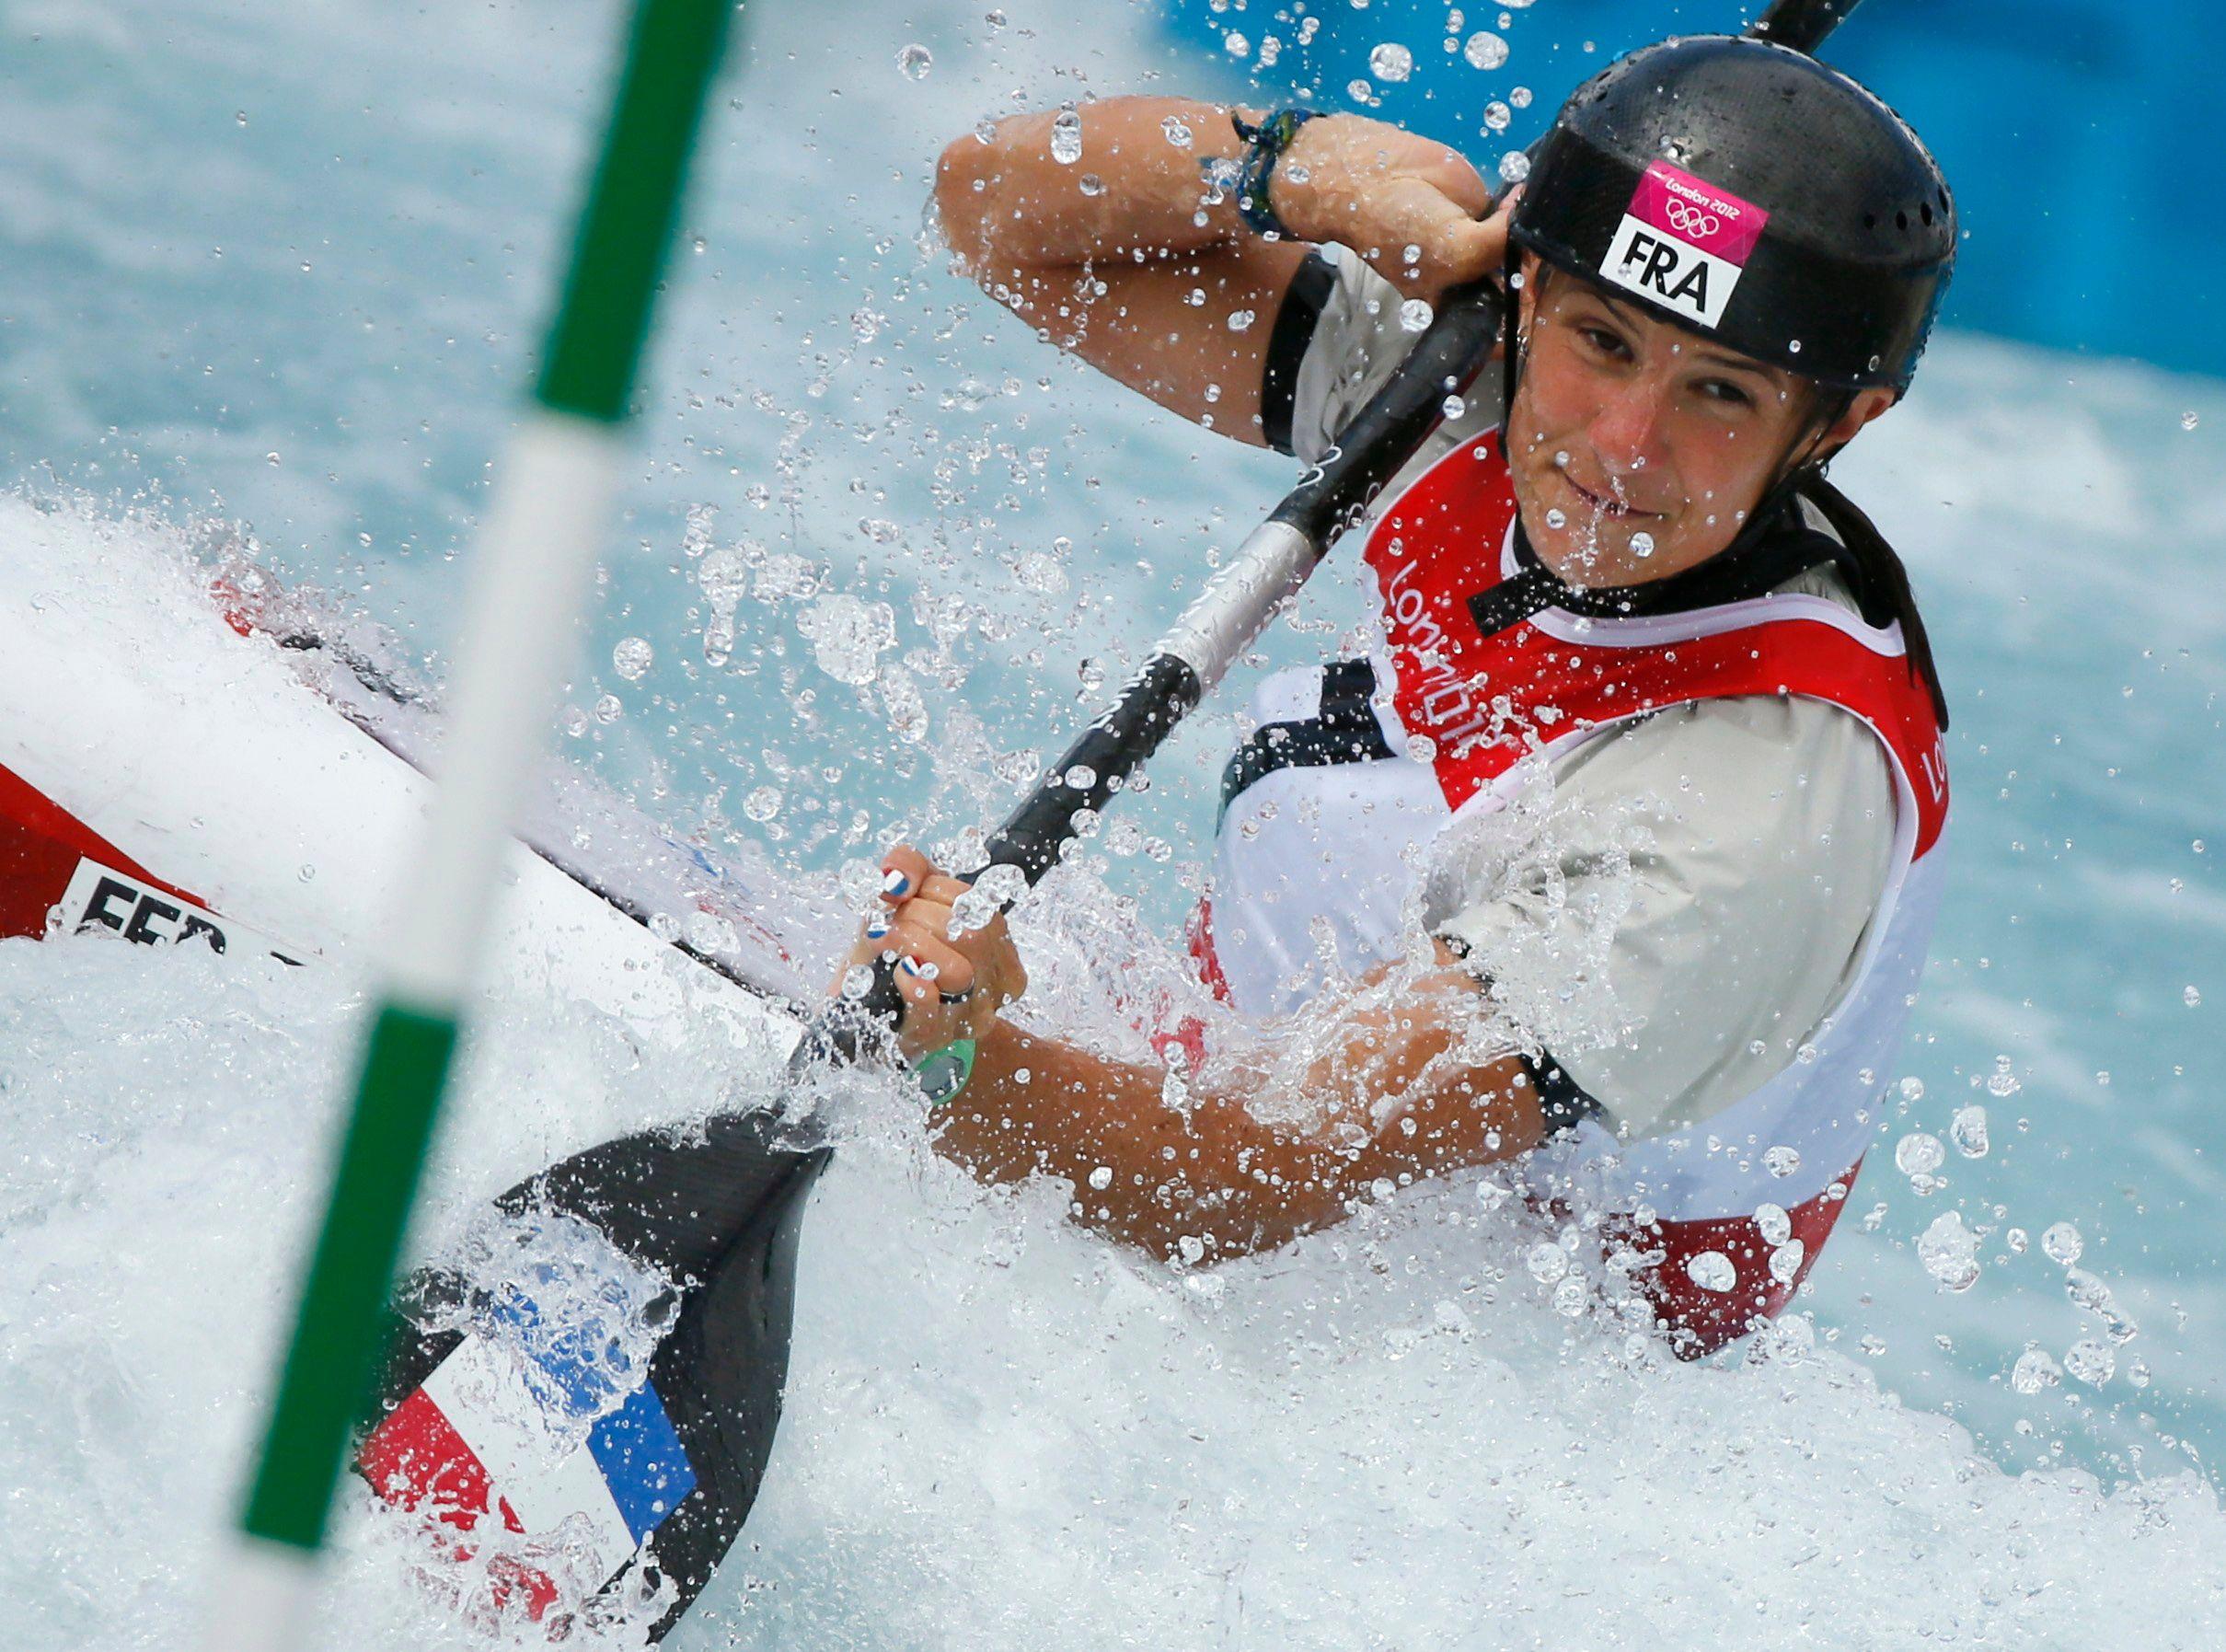 Emilie Fer décroche la médaille d'or de kayak dames de slalom.